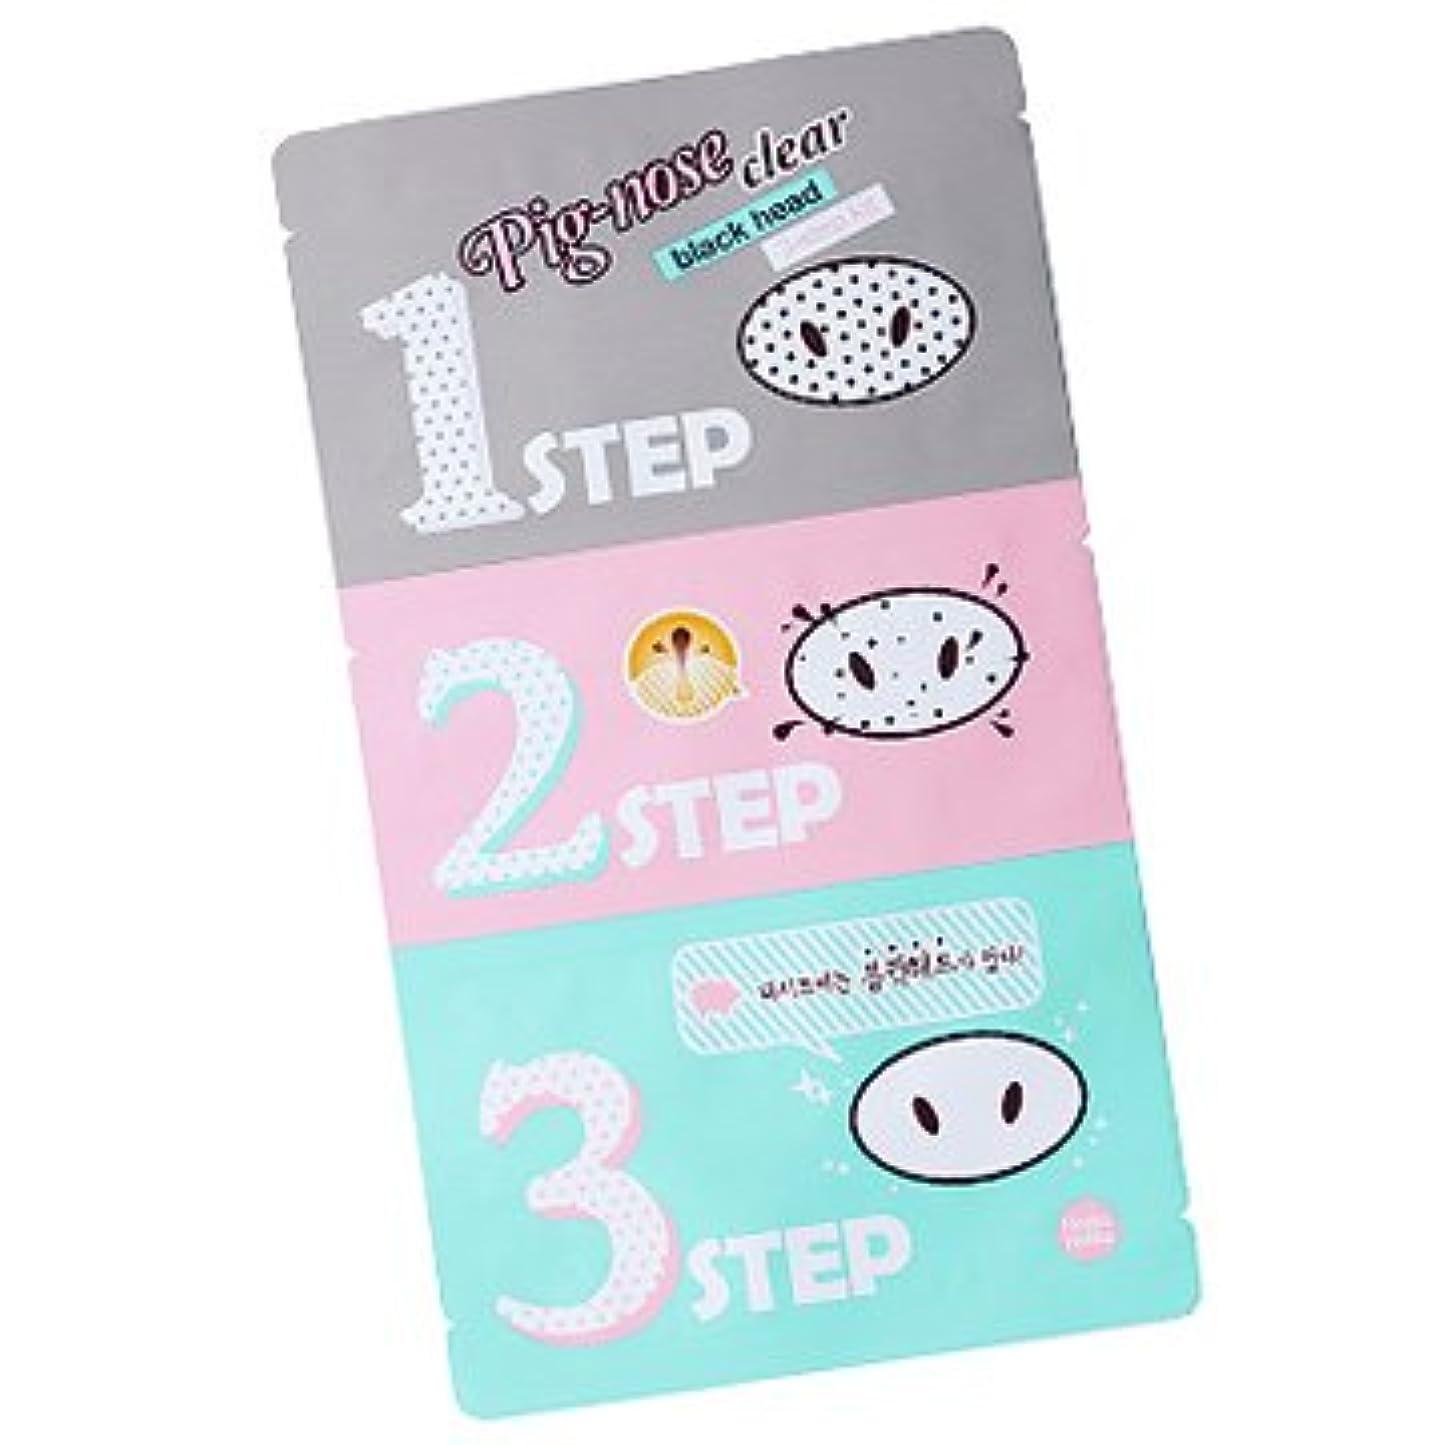 反応するうん良さHolika Holika Pig Nose Clear Black Head 3-Step Kit 10EA (Nose Pack) ホリカホリカ ピグノーズクリアブラックヘッド3-Stepキット(鼻パック) 10pcs [並行輸入品]